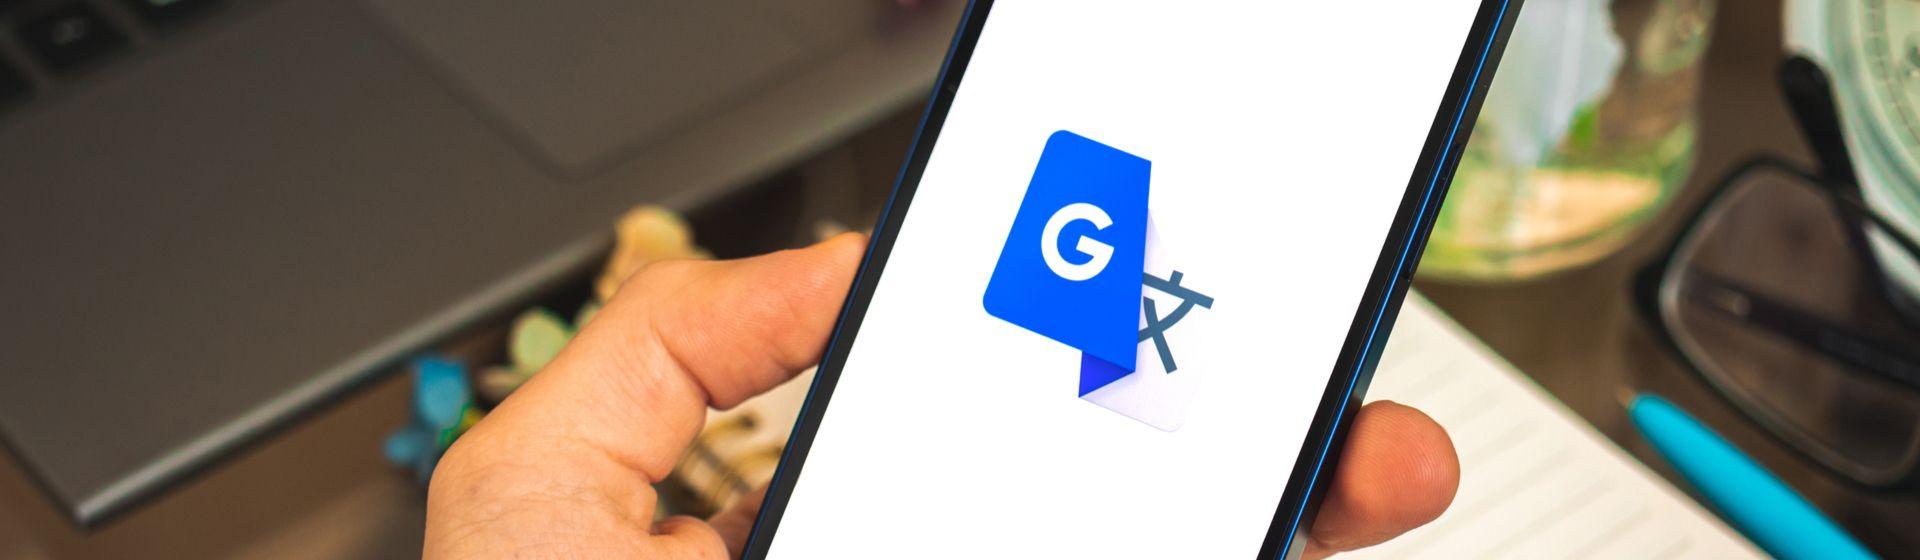 Google Tradutor: o que é, como funciona e dicas para usar